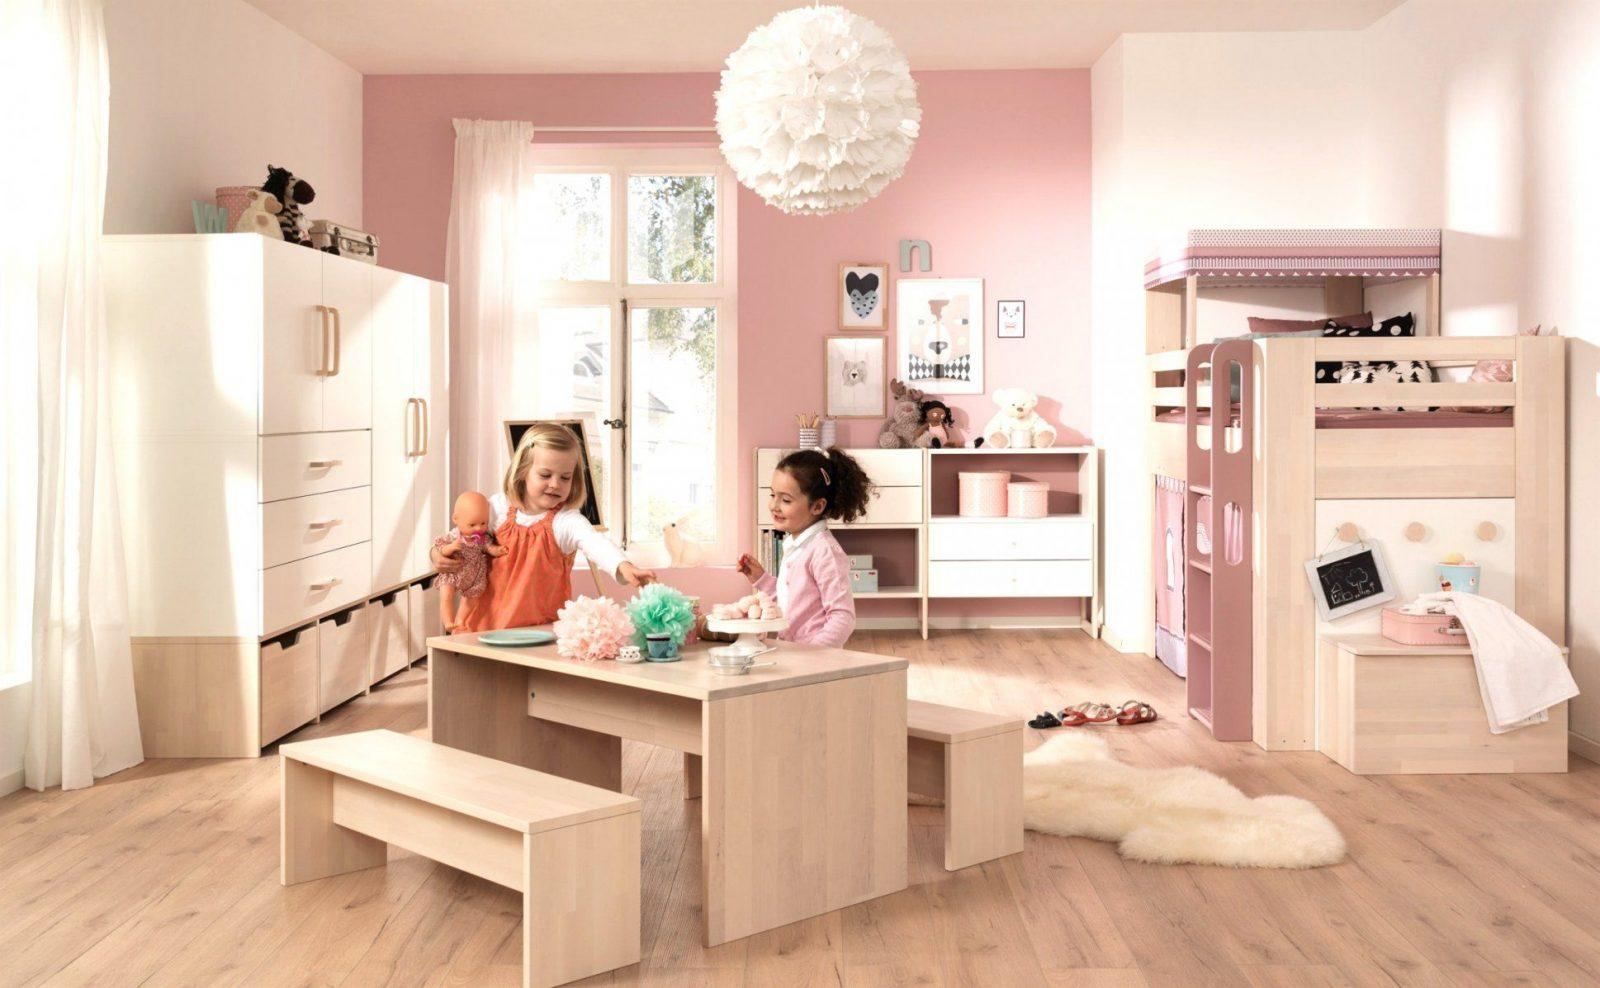 Schoene Ideen Kinderzimmer Komplett Ab 3 Jahre  Douglasarthurbrown von Kinderzimmer Ab 3 Jahren Photo